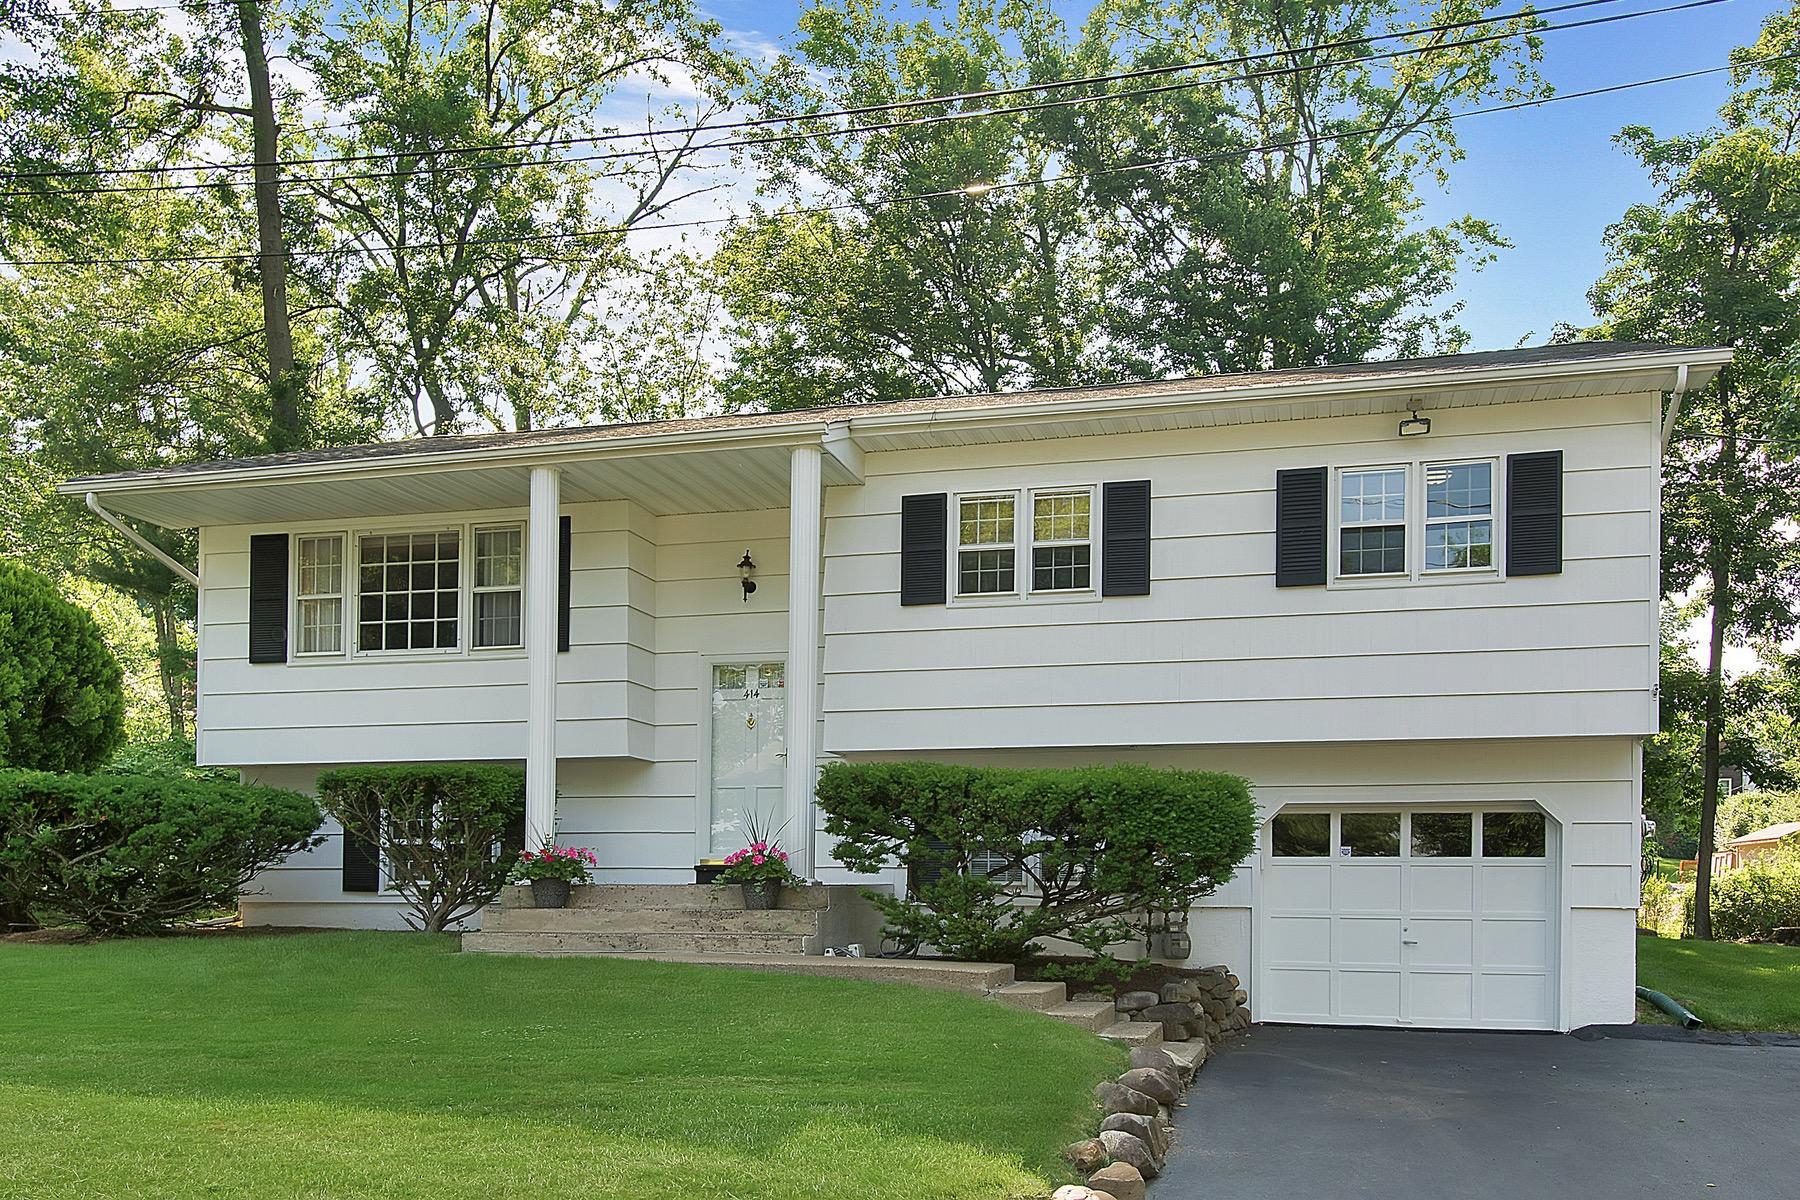 Casa Unifamiliar por un Venta en Lovely Home in Quiet Setting 414 Maple Avenue Upper Nyack, Nueva York 10960 Estados Unidos